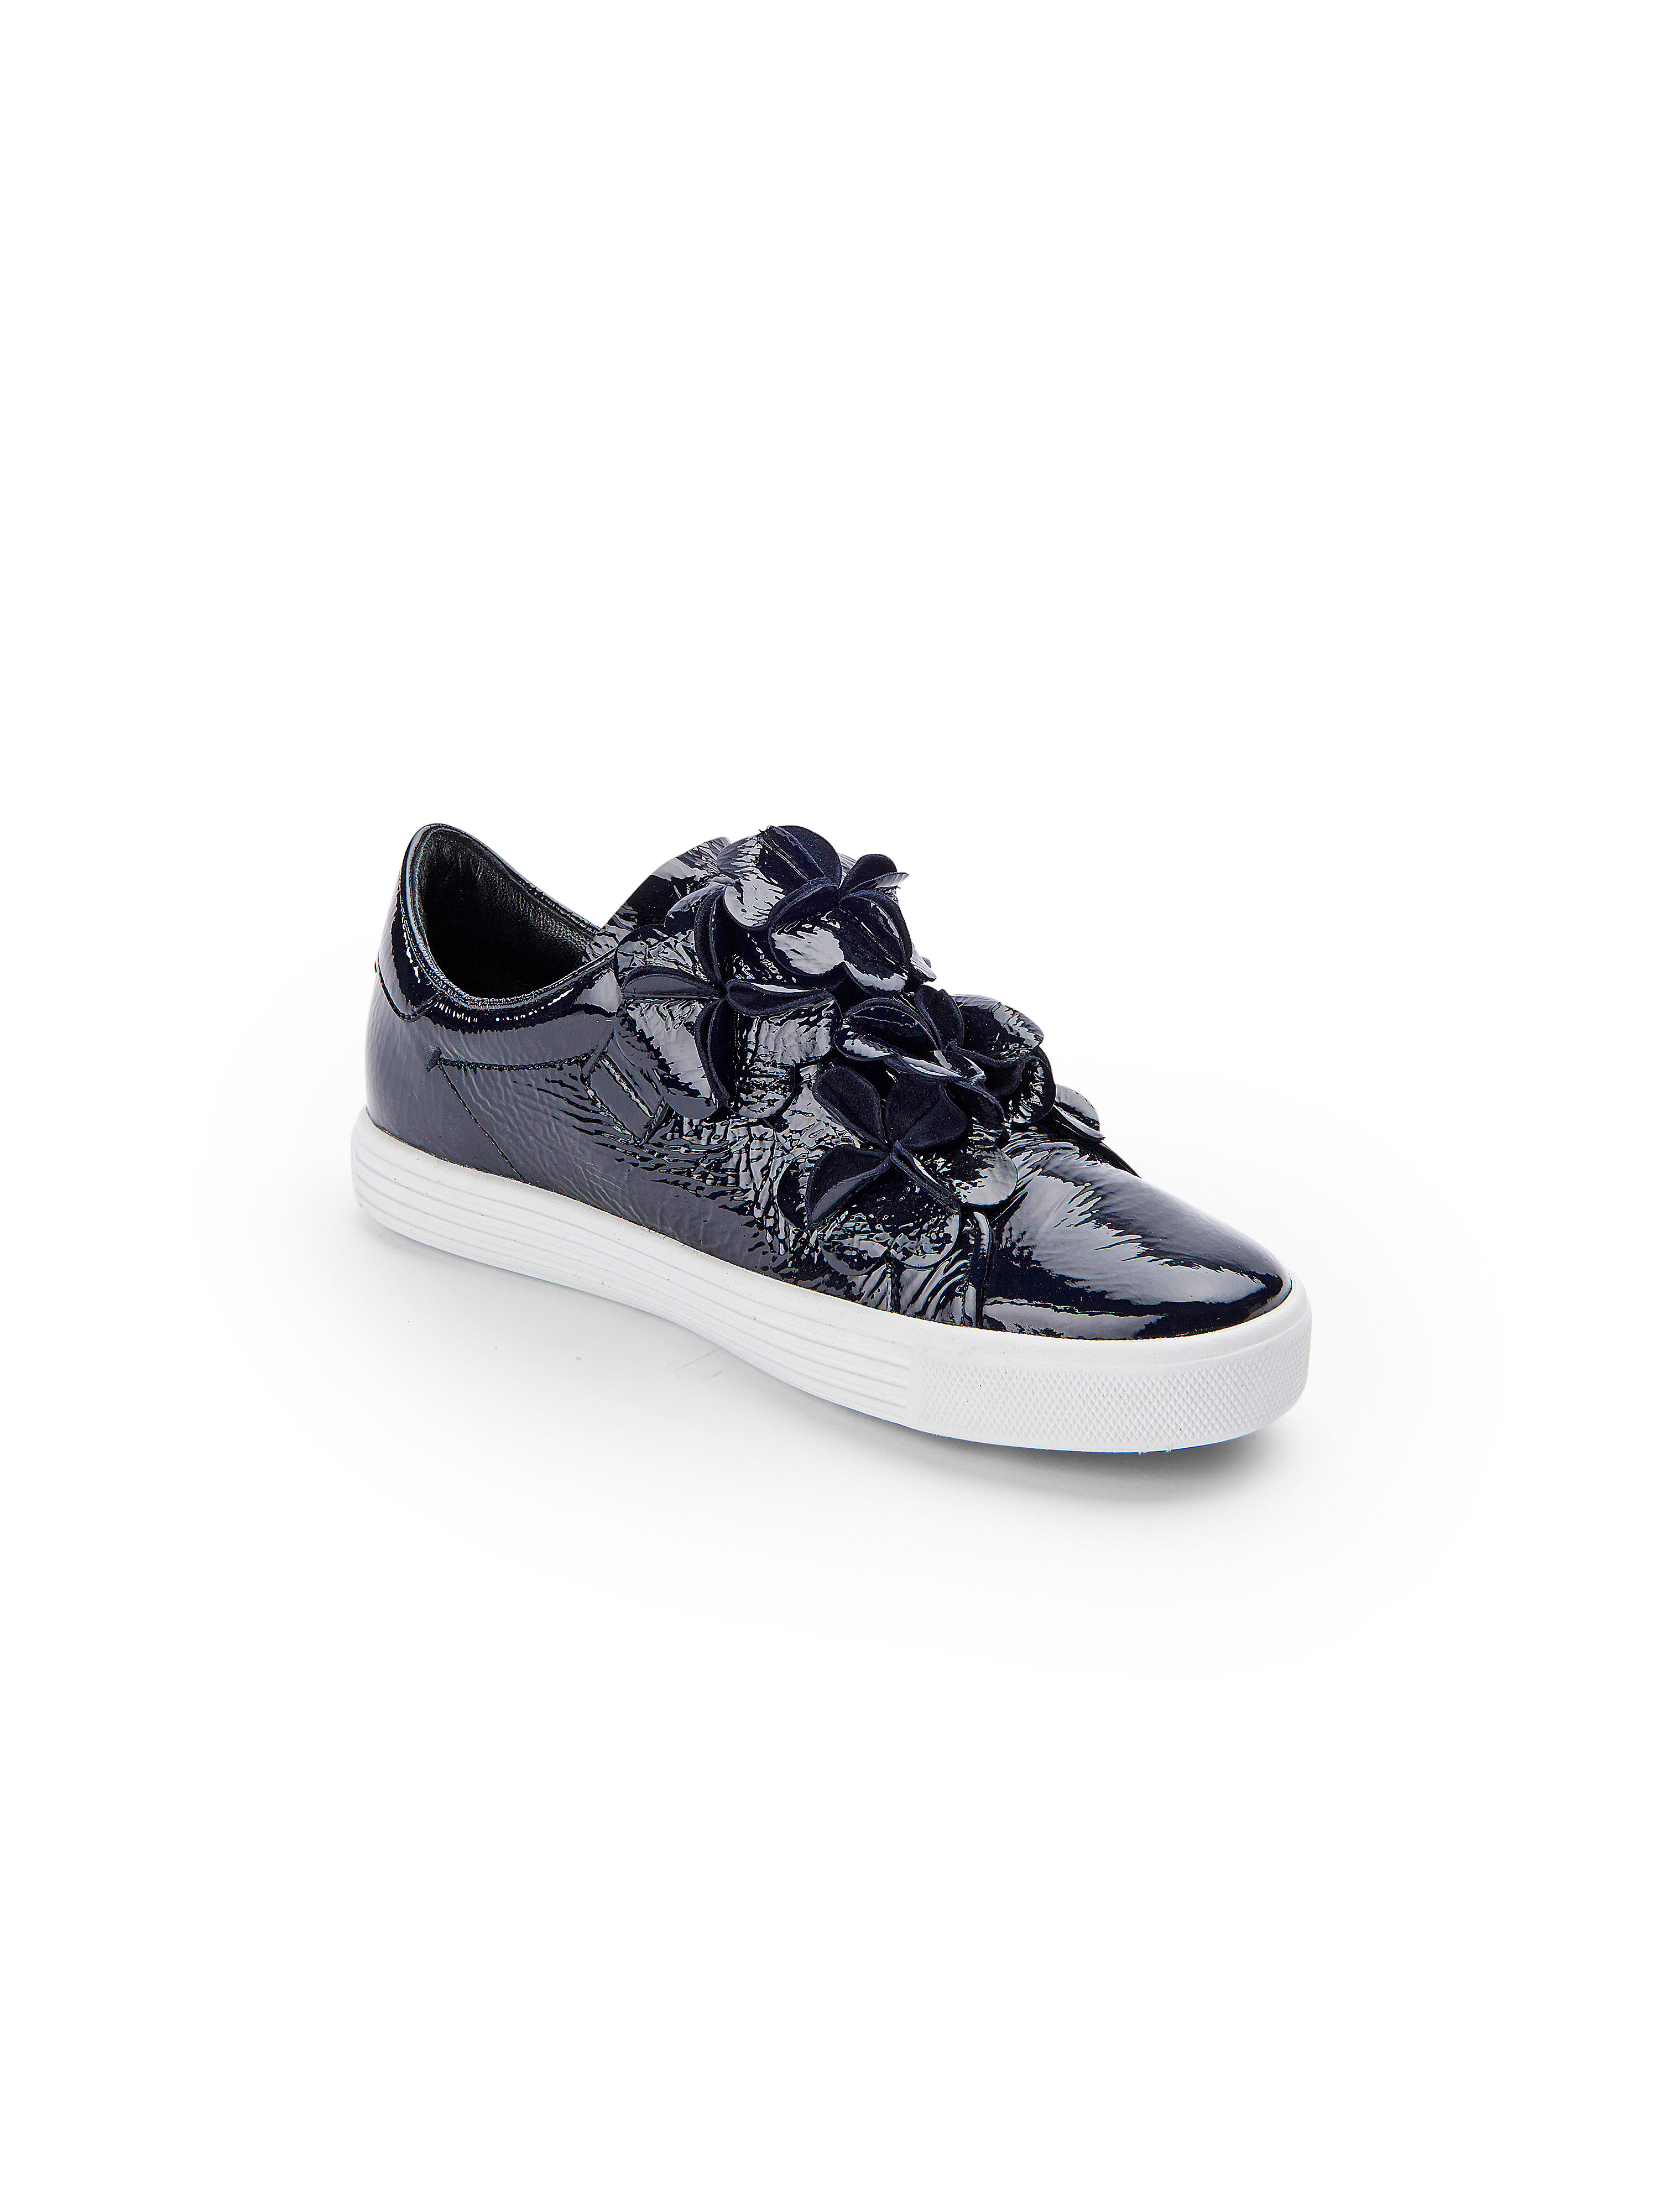 Kennel & Schmenger - Sneaker TOWN - Nachtblau Gute Qualität beliebte Schuhe